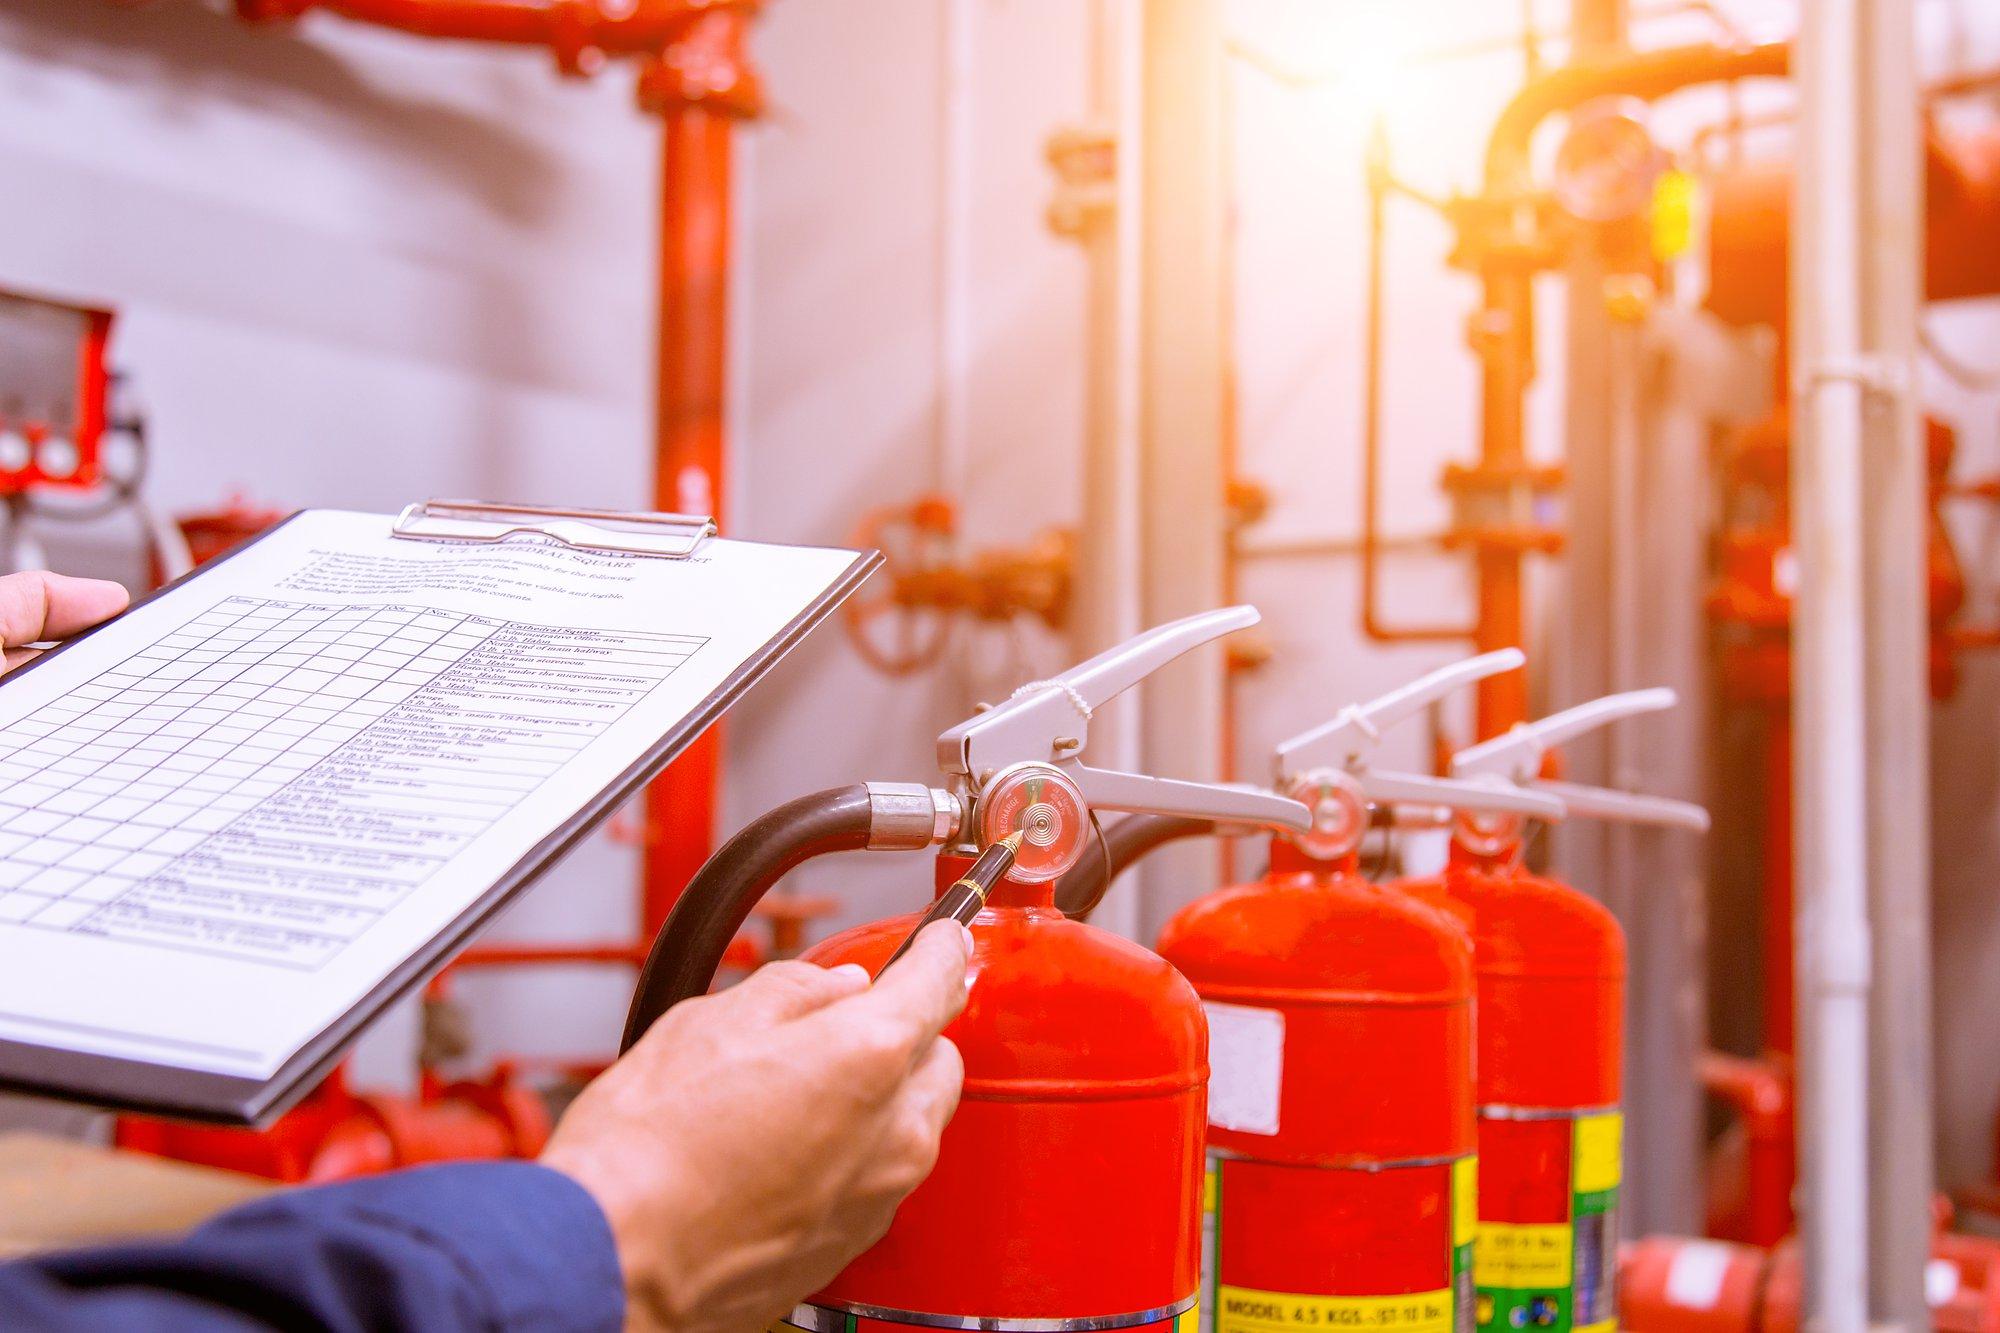 Don't Light My Fire: in zes stappen naar een solide brandrisicoanalyse